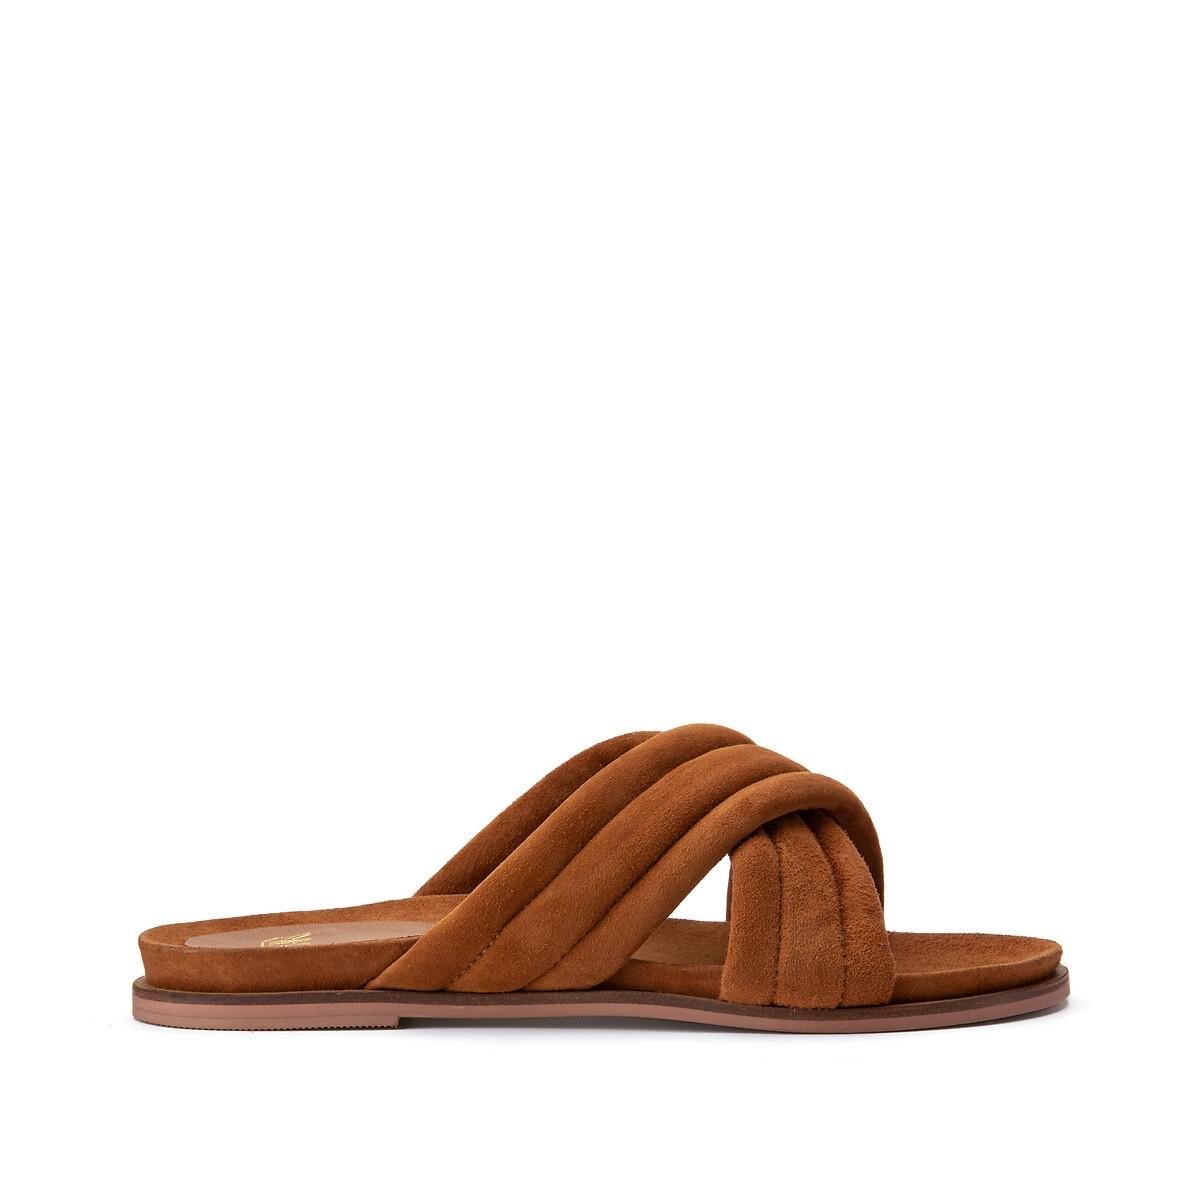 Туфли LaRedoute Без задника из кожи с перекрещенными ремешками 39 каштановый туфли без задника boite